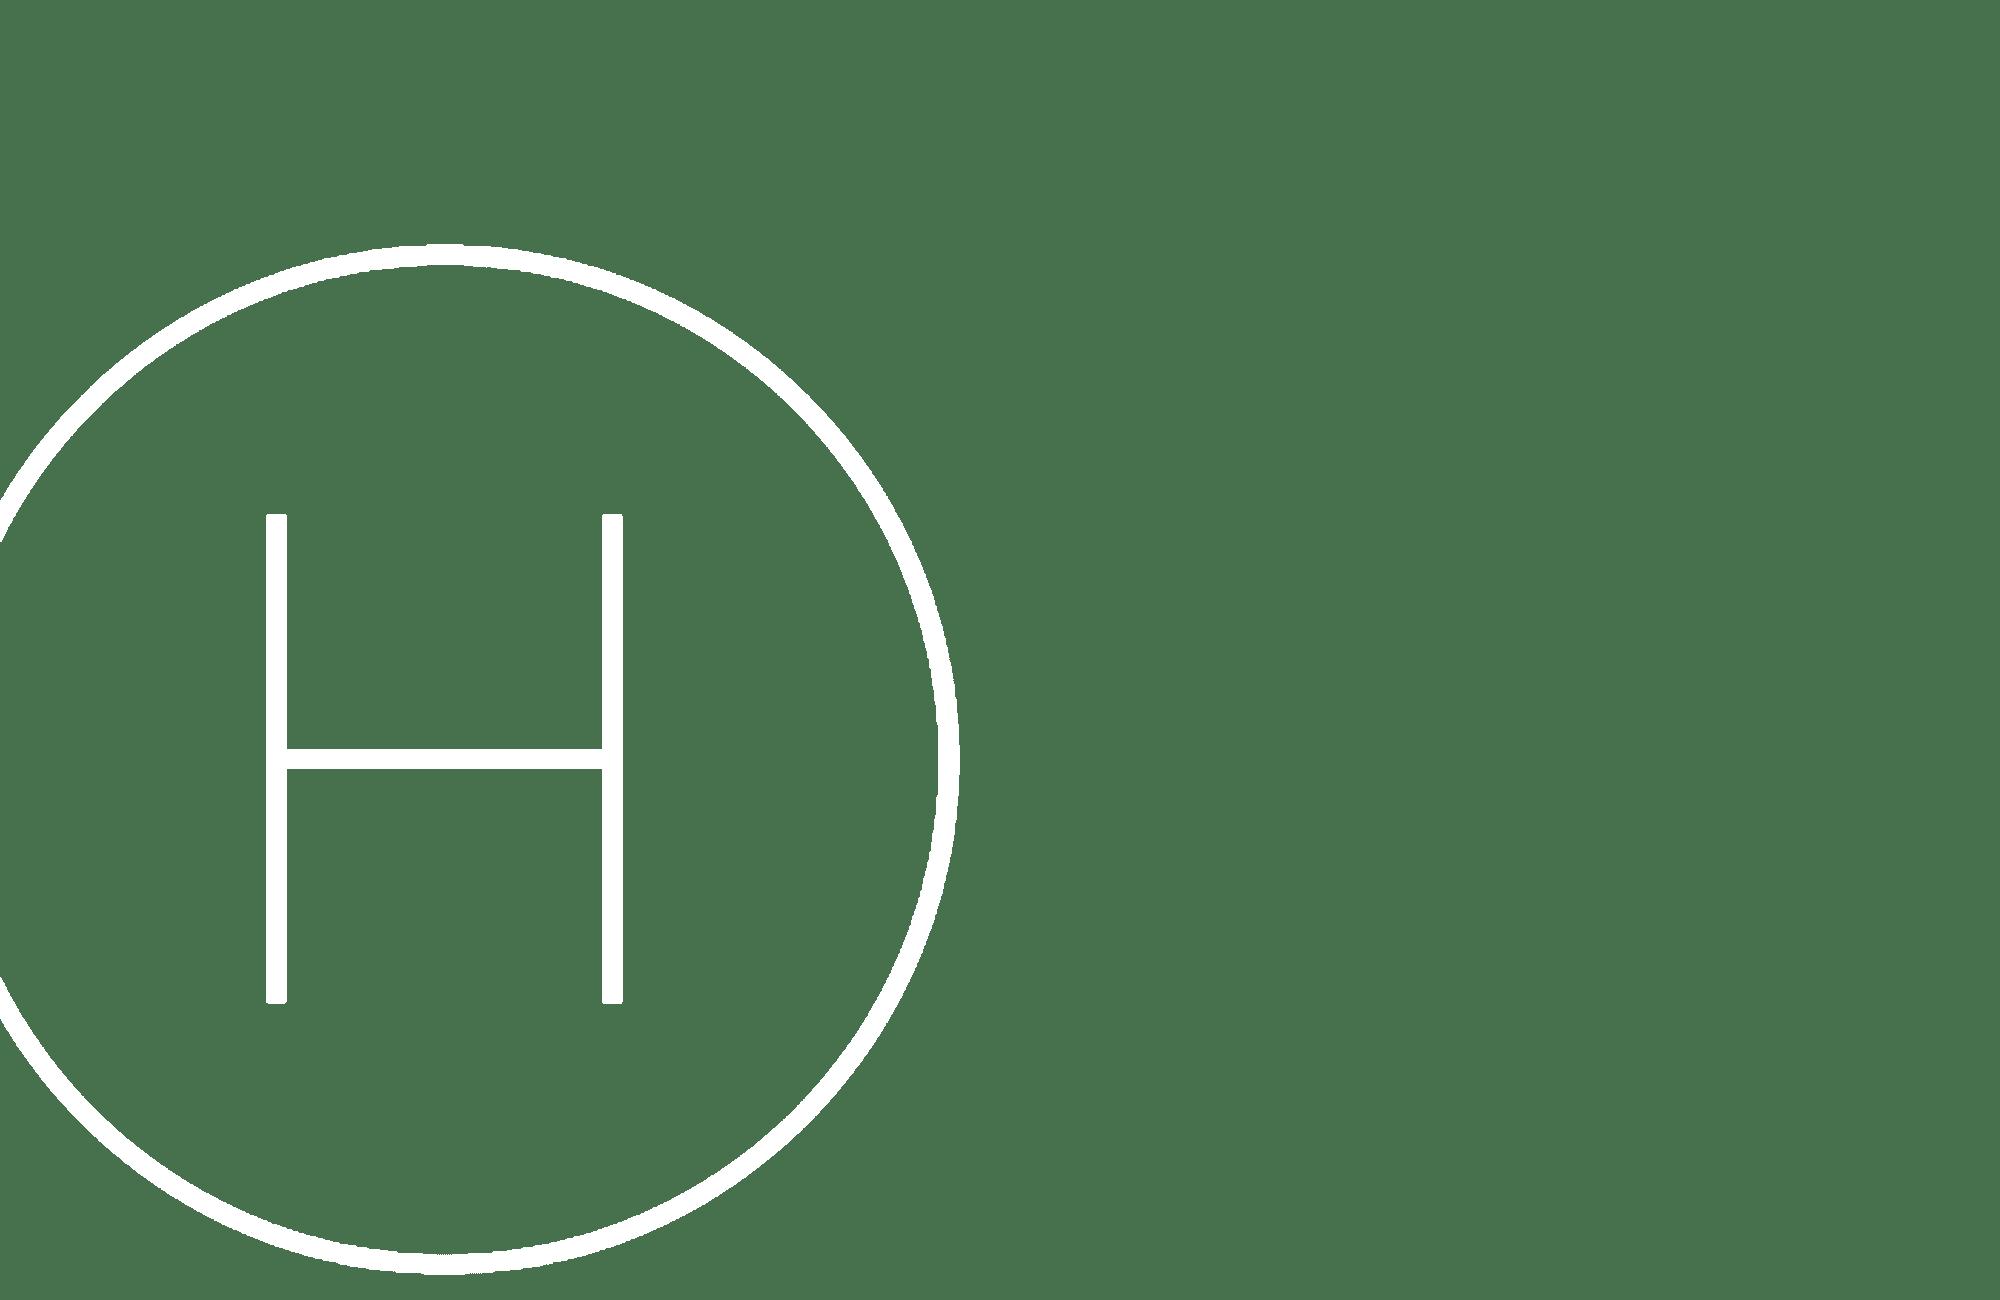 The Heights at Park Lane's logo at Dallas, Texas